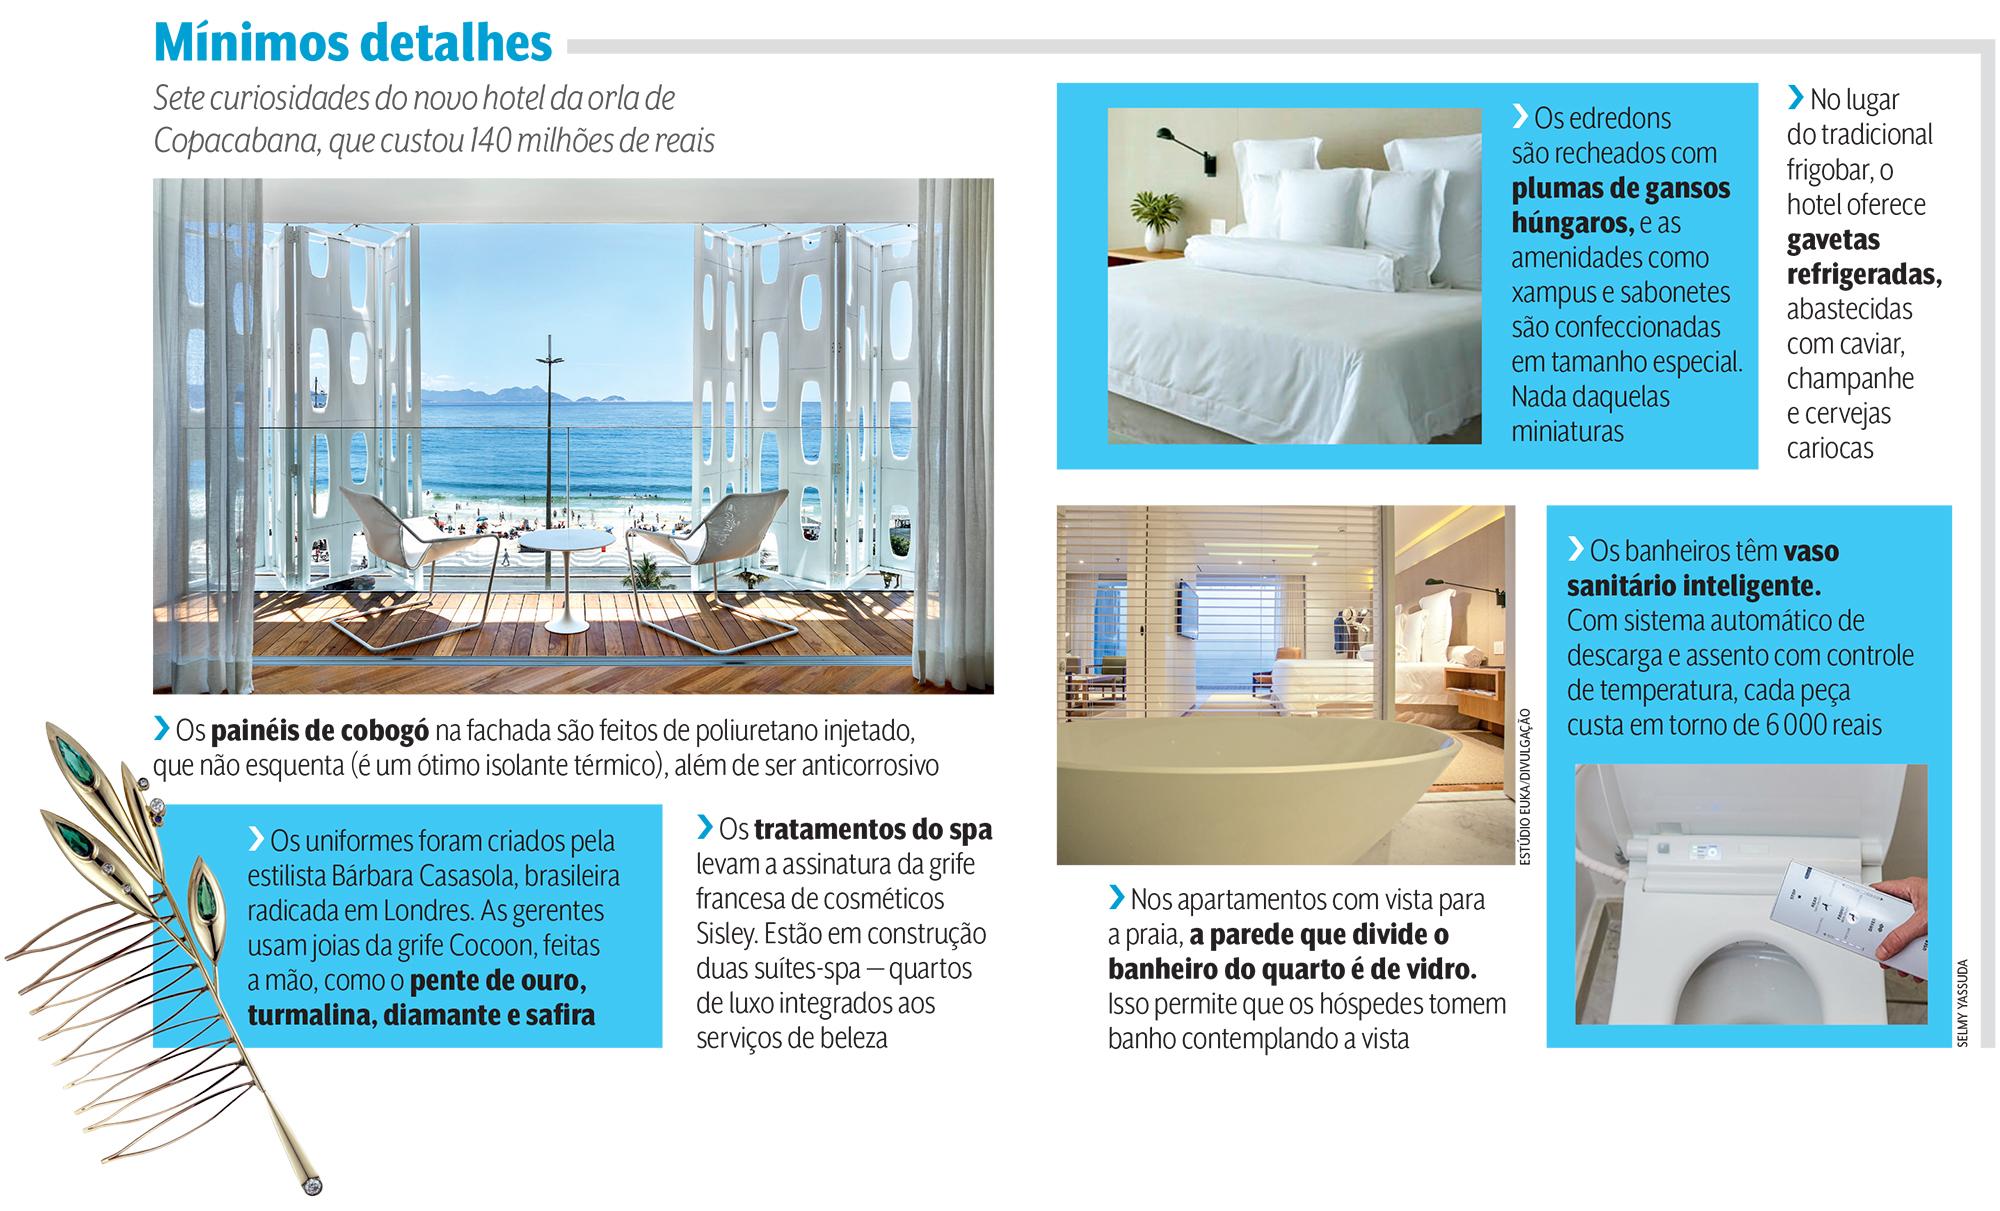 Quadro matéria turismo; Hotel Emiliano